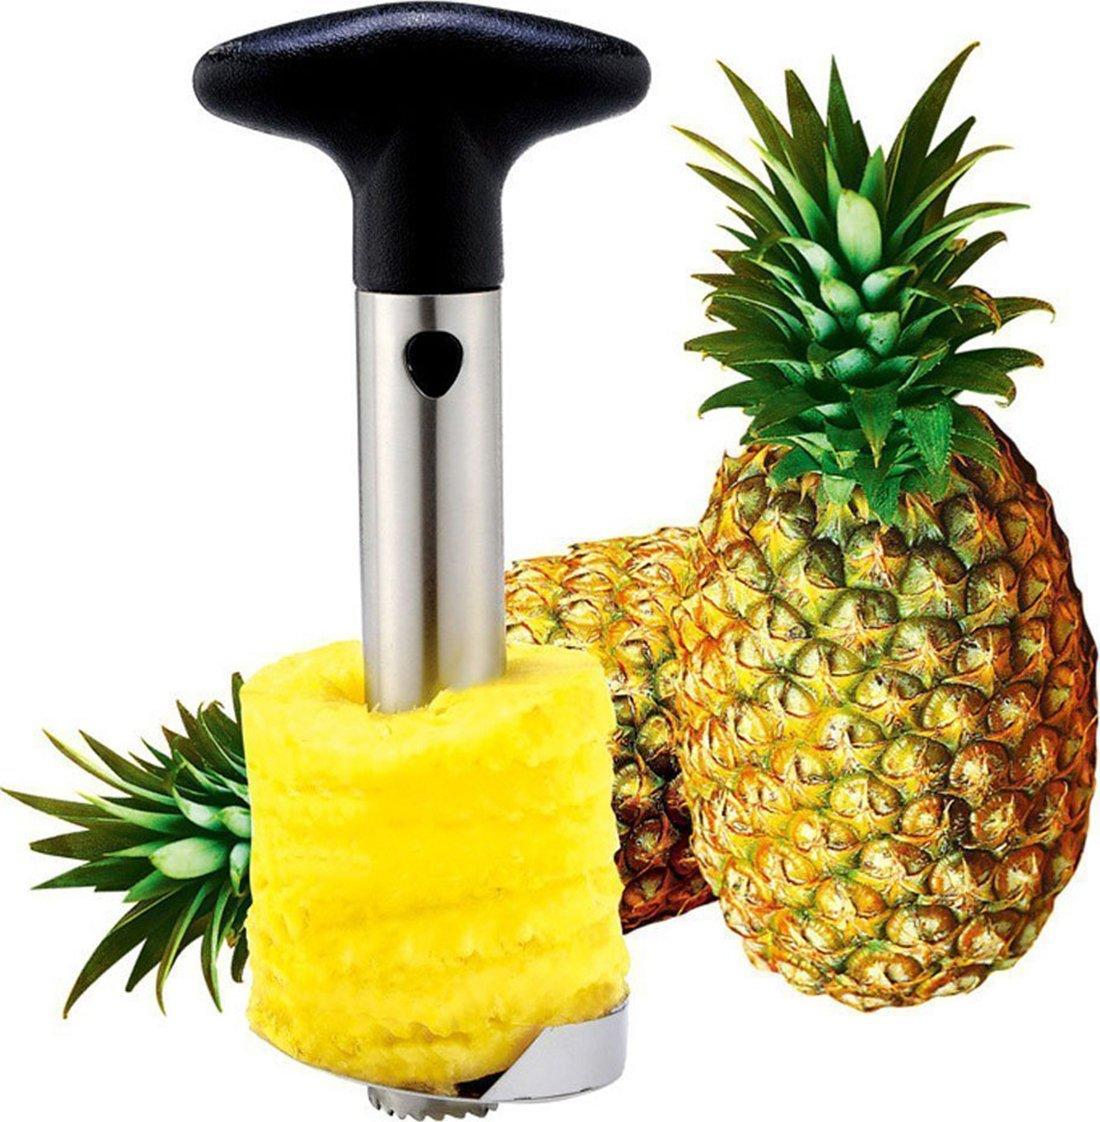 Utopia Kitchen Pineapple Corer - Pineapple Slicer - Pineapple Peeler - Stainless-Steel - 3 in 1 Tool